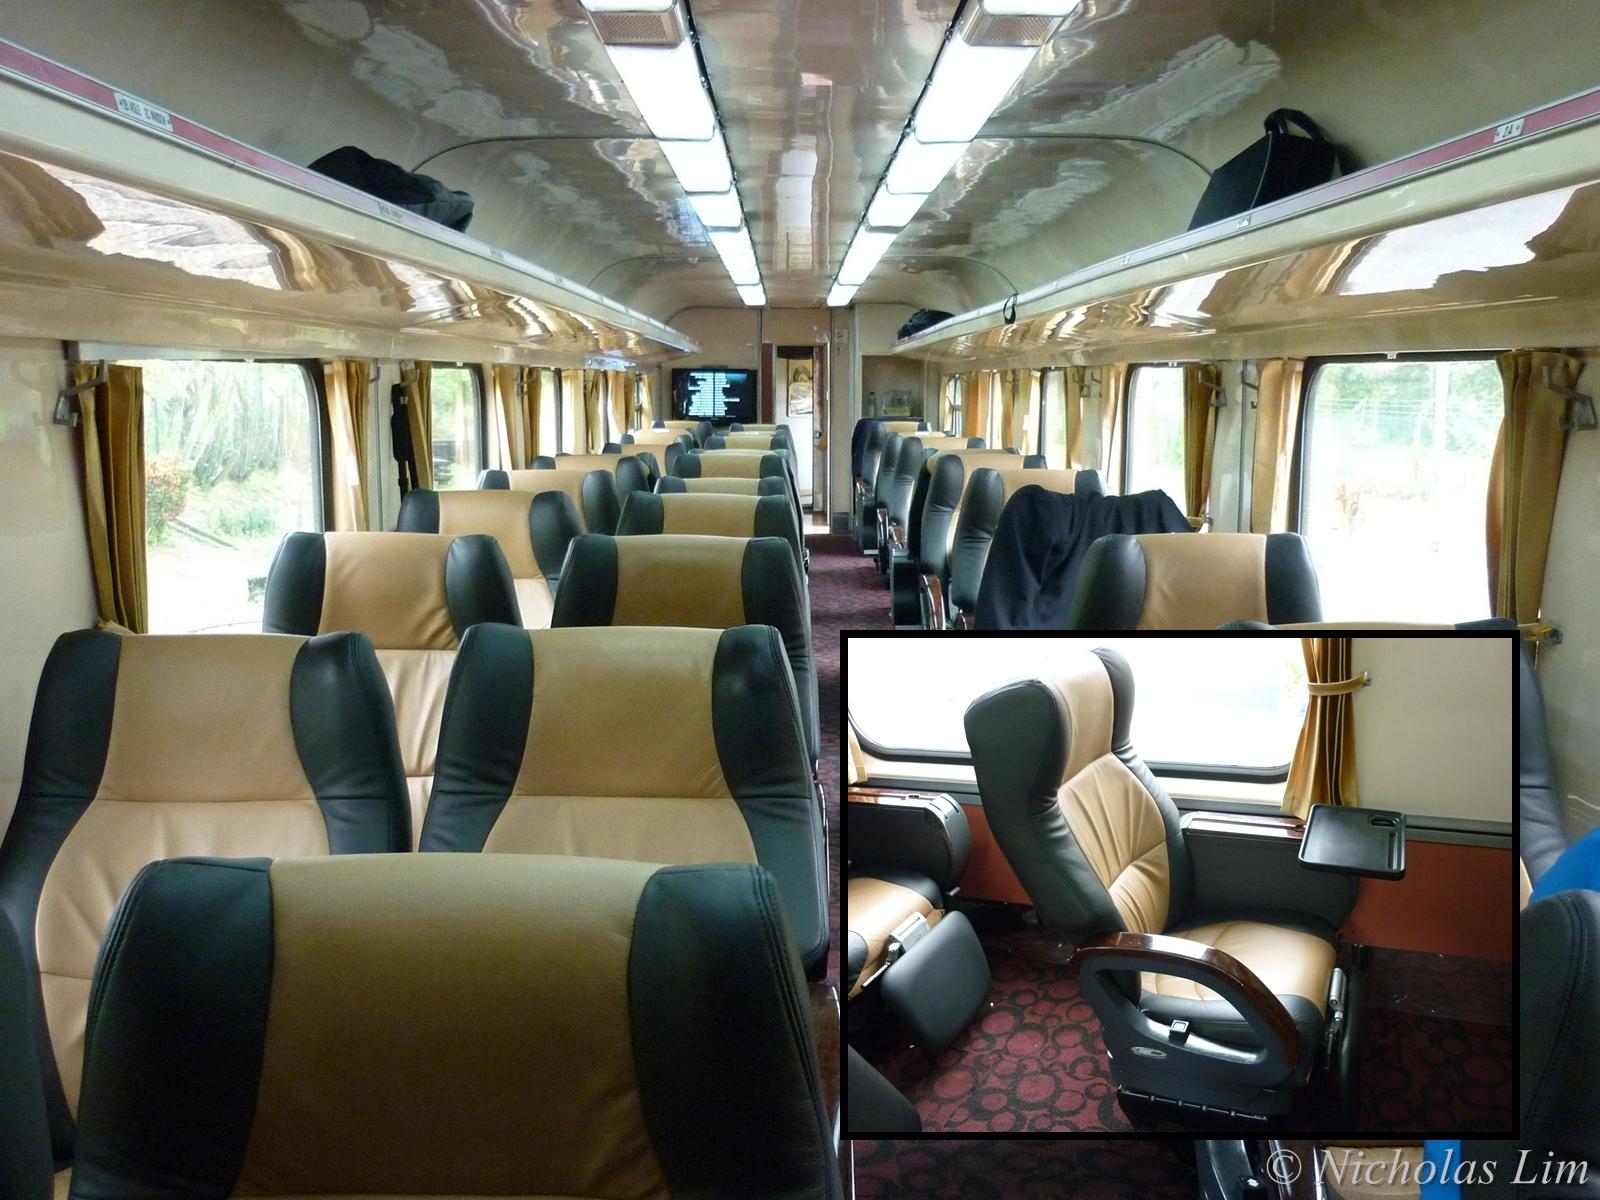 Jadual Train Ktm